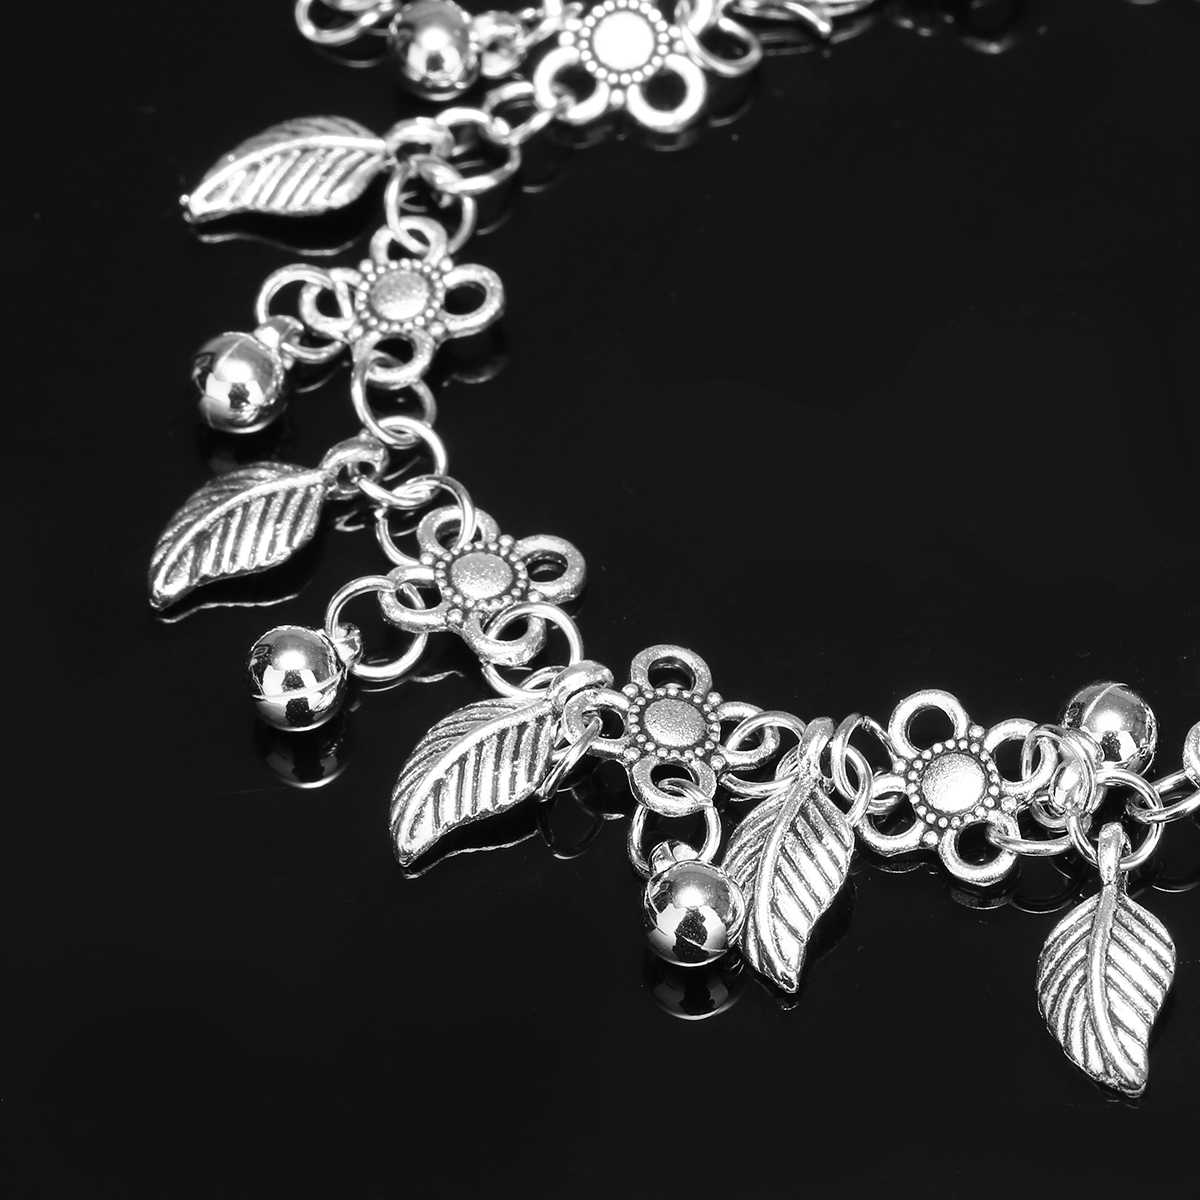 ボヘミア銀水は葉房アンクレット足チェーン新デザインのドロップ足首のブレスレット夏の海のビーチジュエリー Shellhard